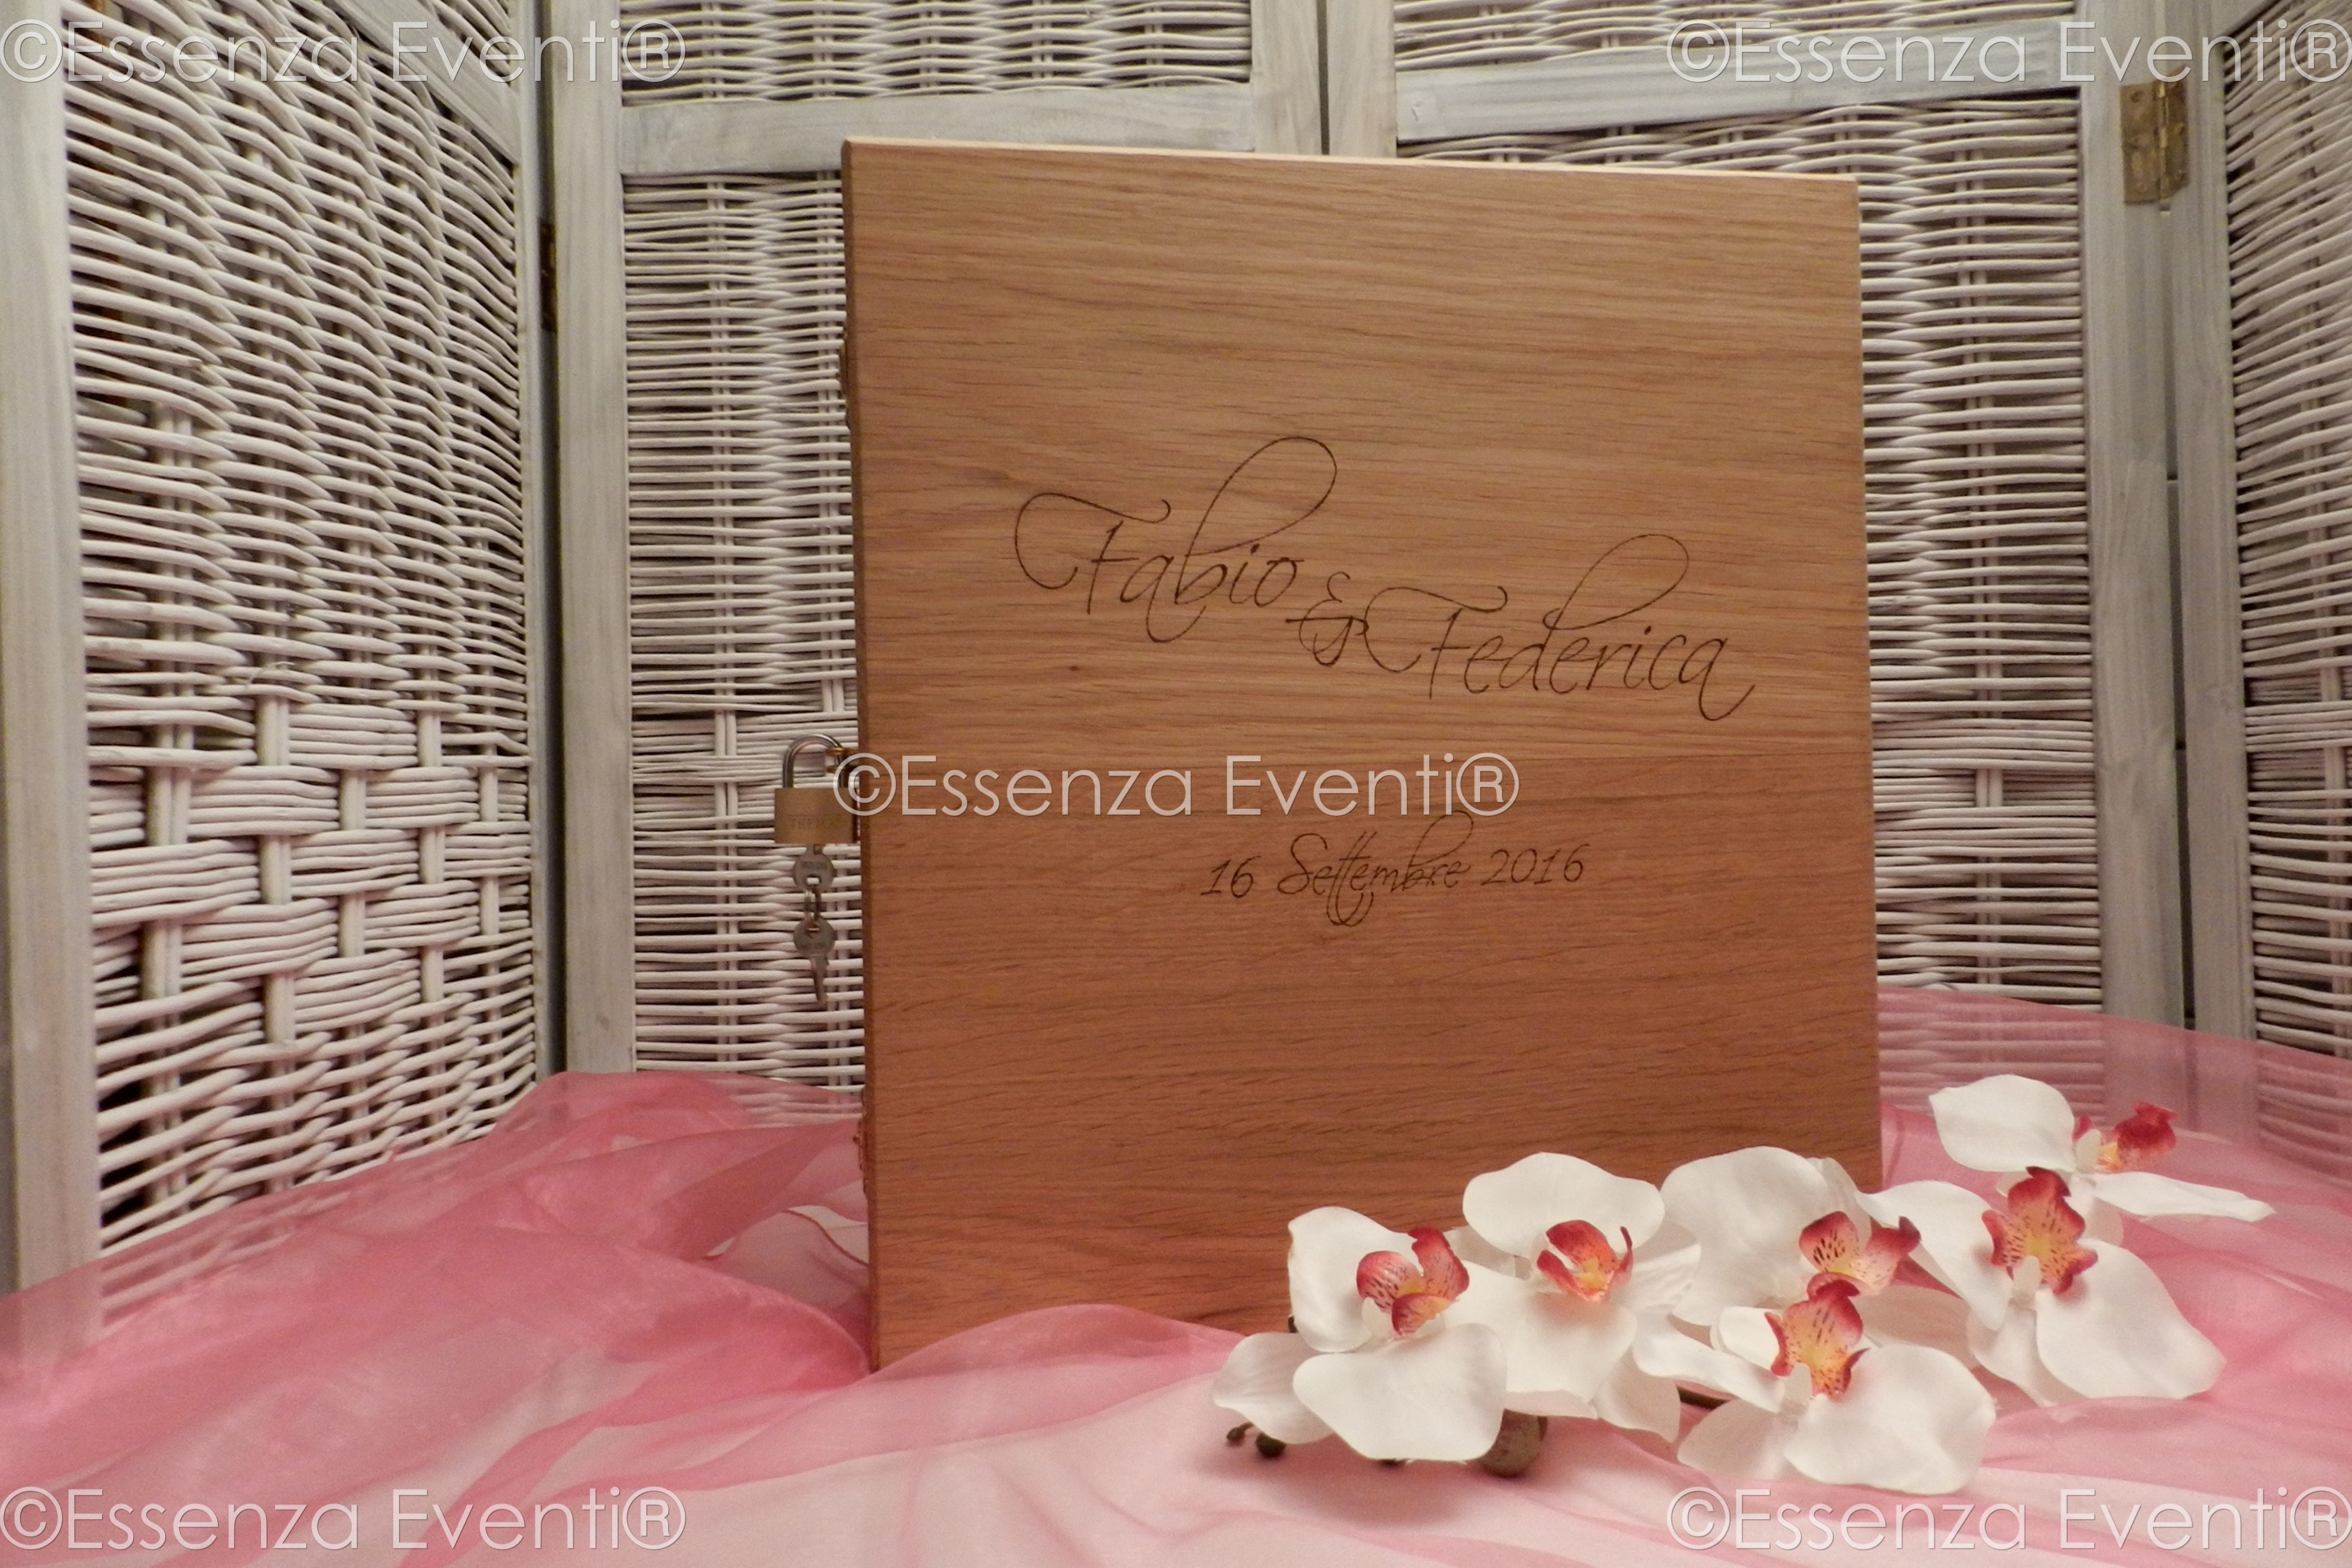 Celebrante Matrimonio Simbolico Veneto : Riti speciali essenza eventi